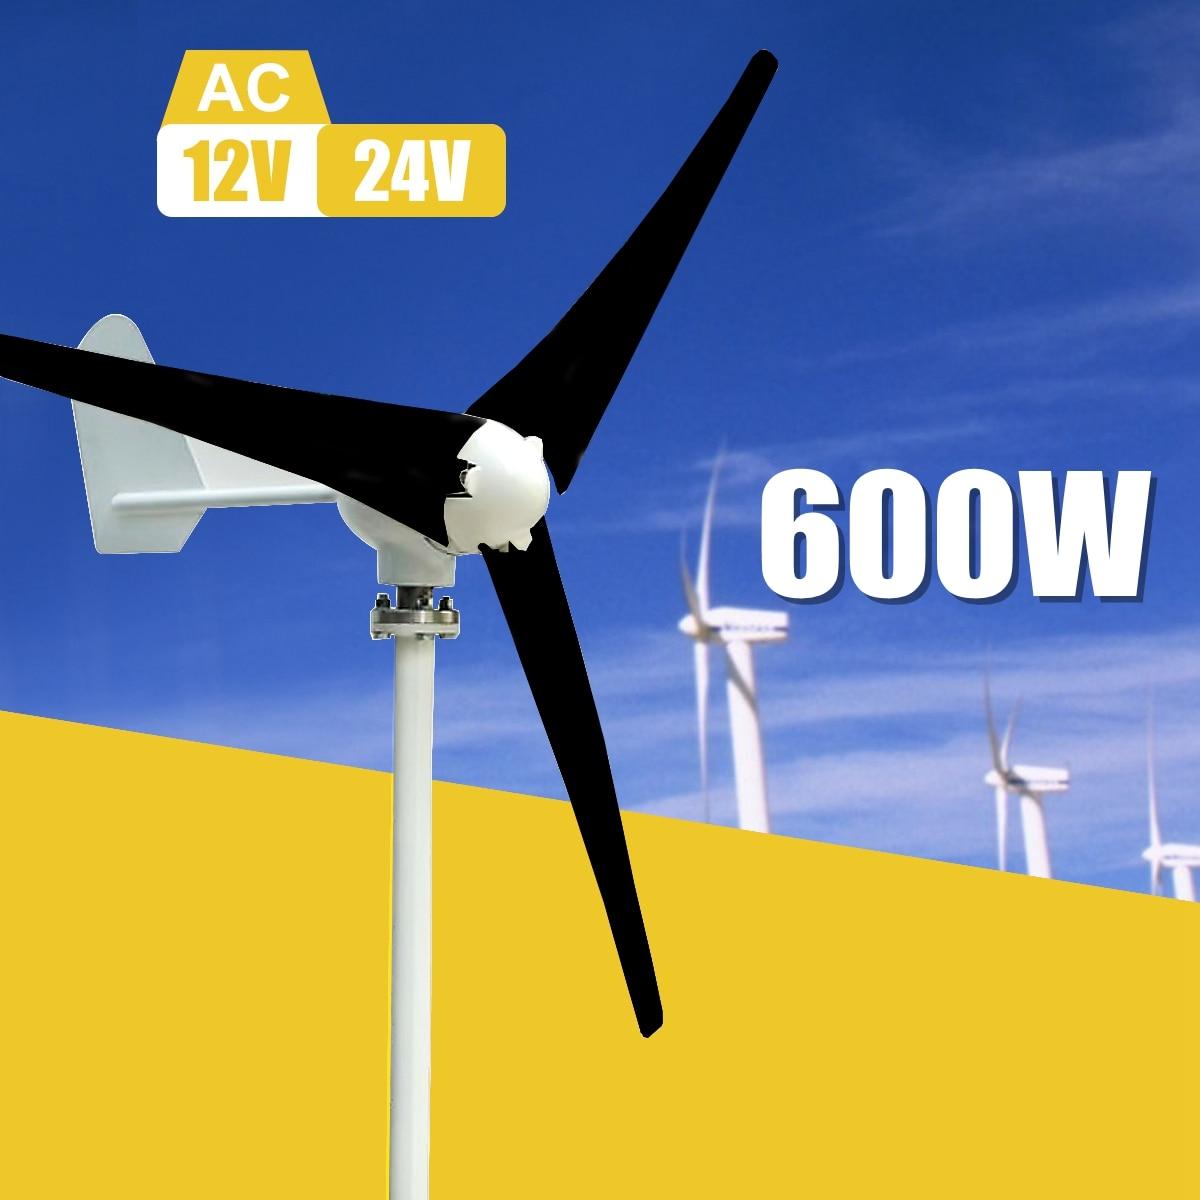 Max 600 w Vent Turbine Générateur Kit Max AC 12 v 24 v 3 Lame Option Aérogénérateur